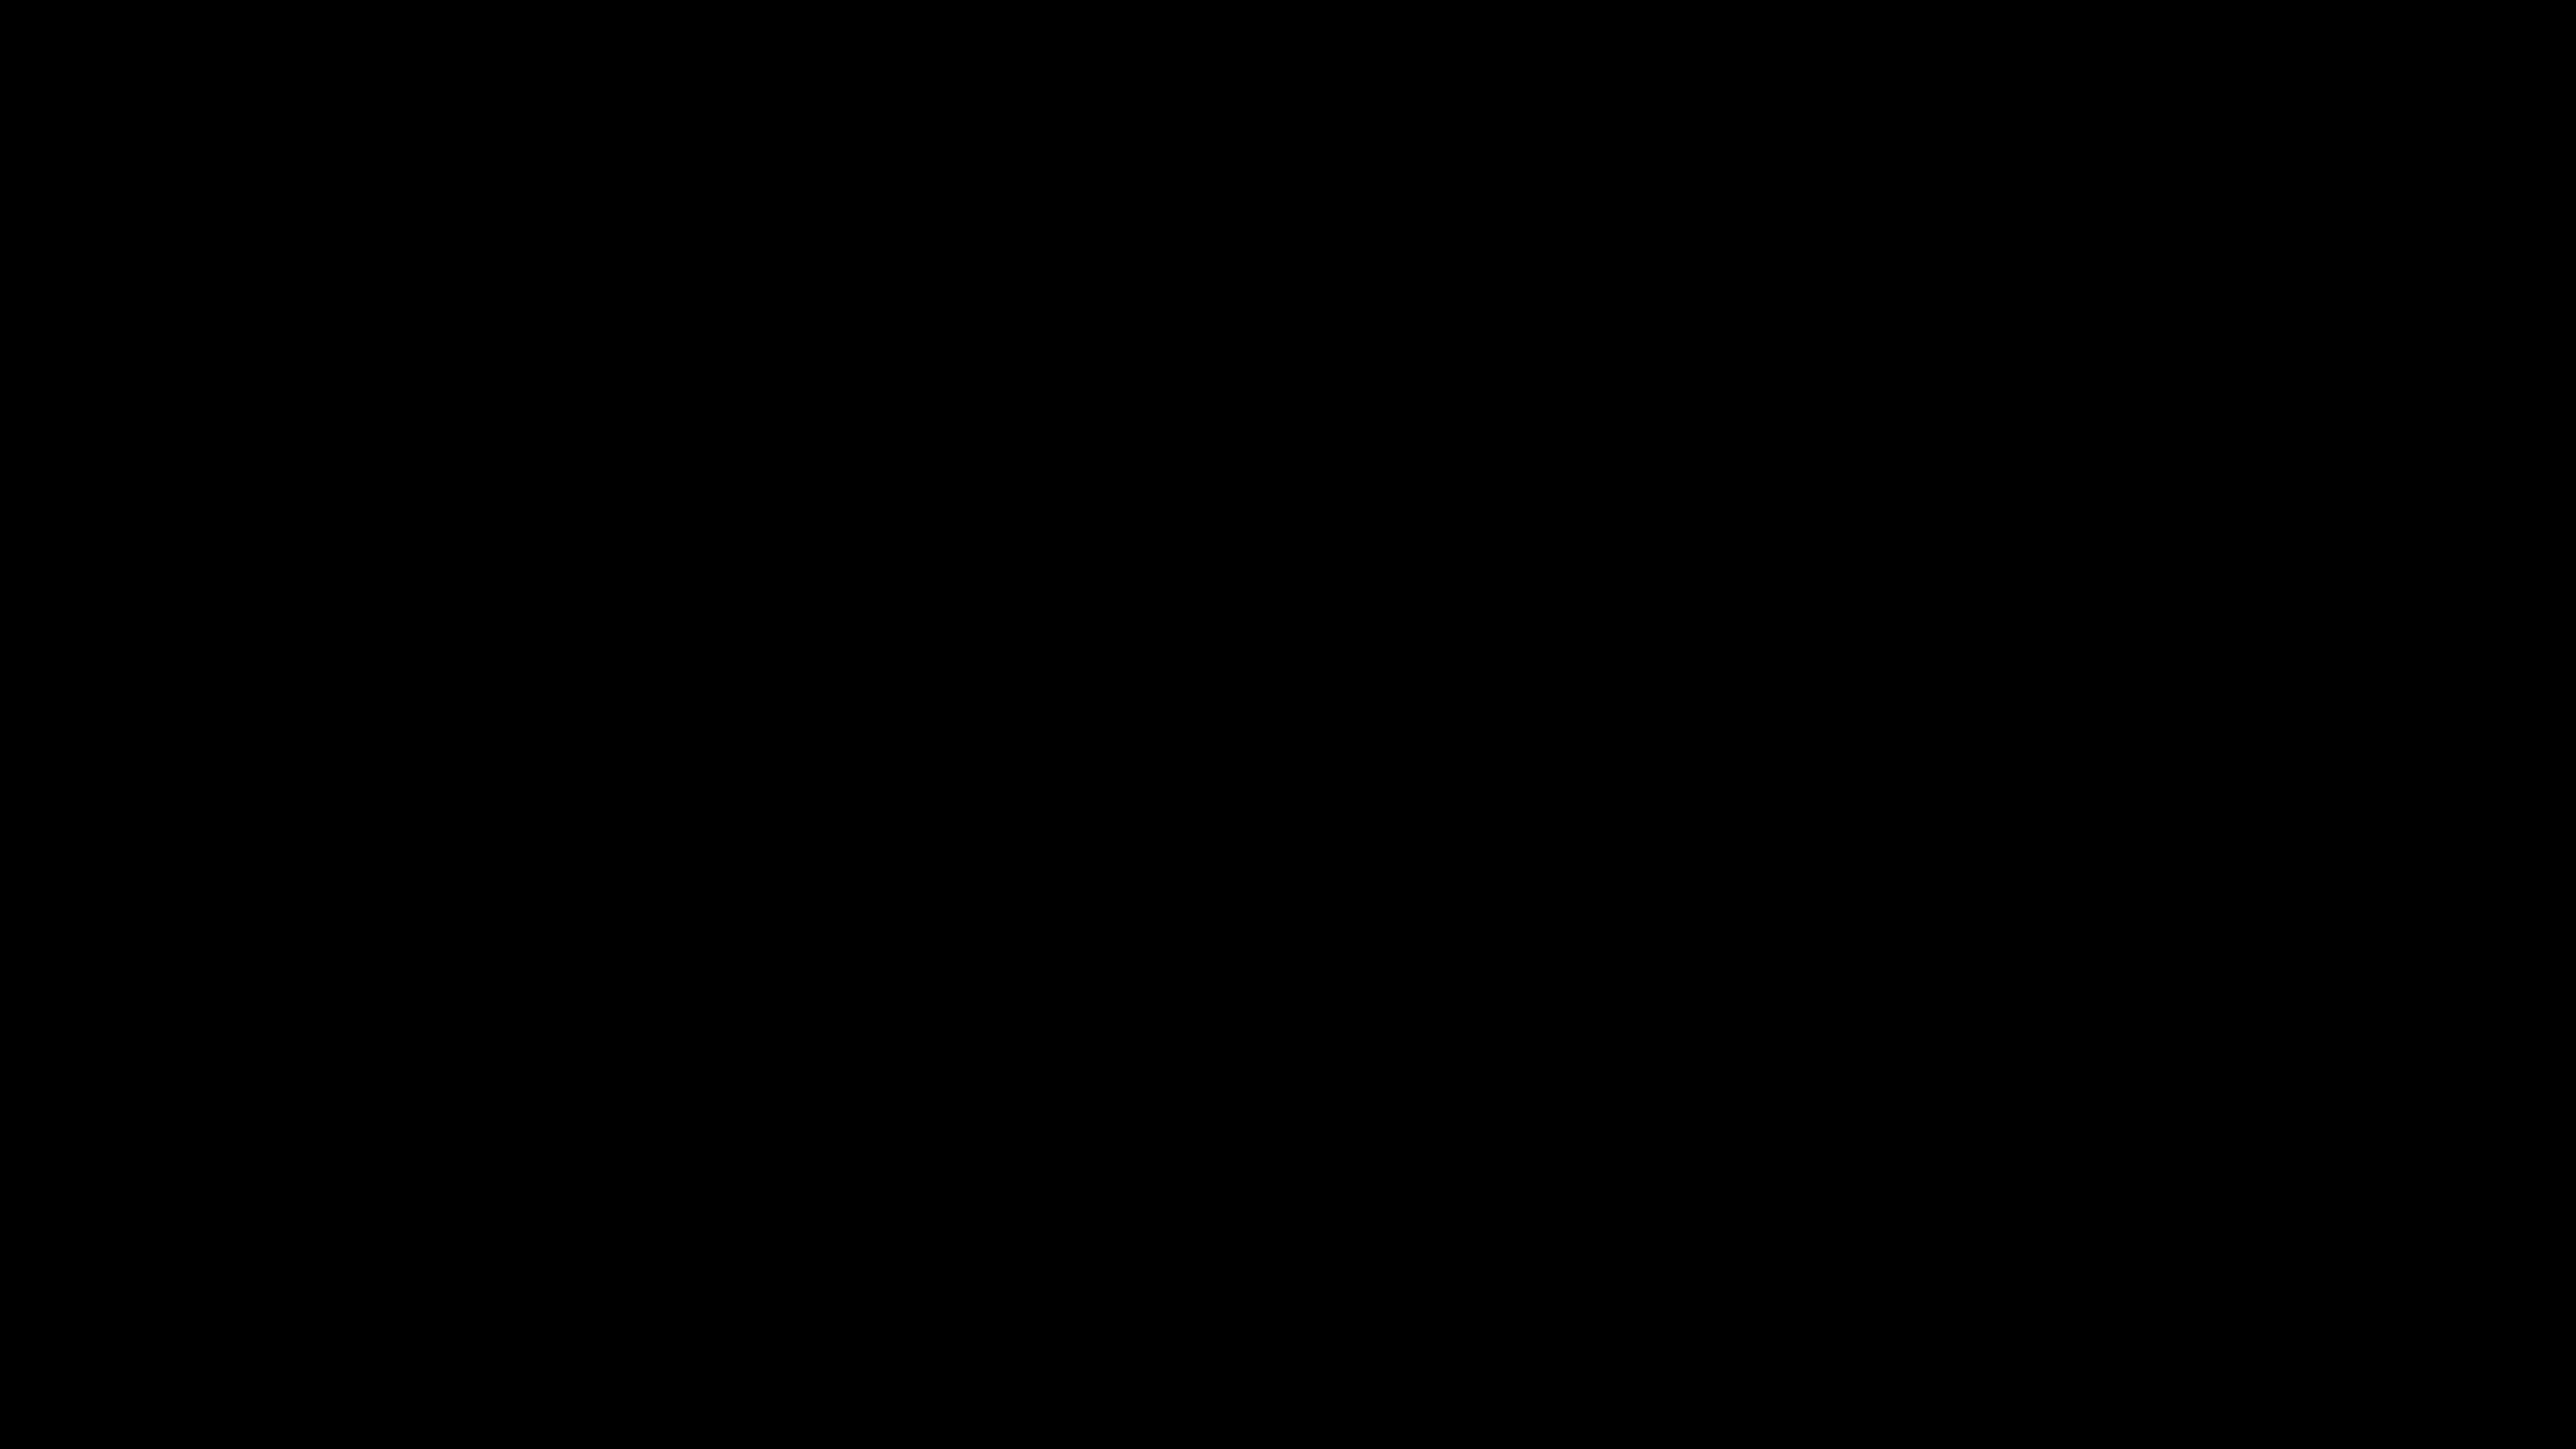 Počet zaměstnanců se v roce 2018 zvýšil o 7 700 na 410 000